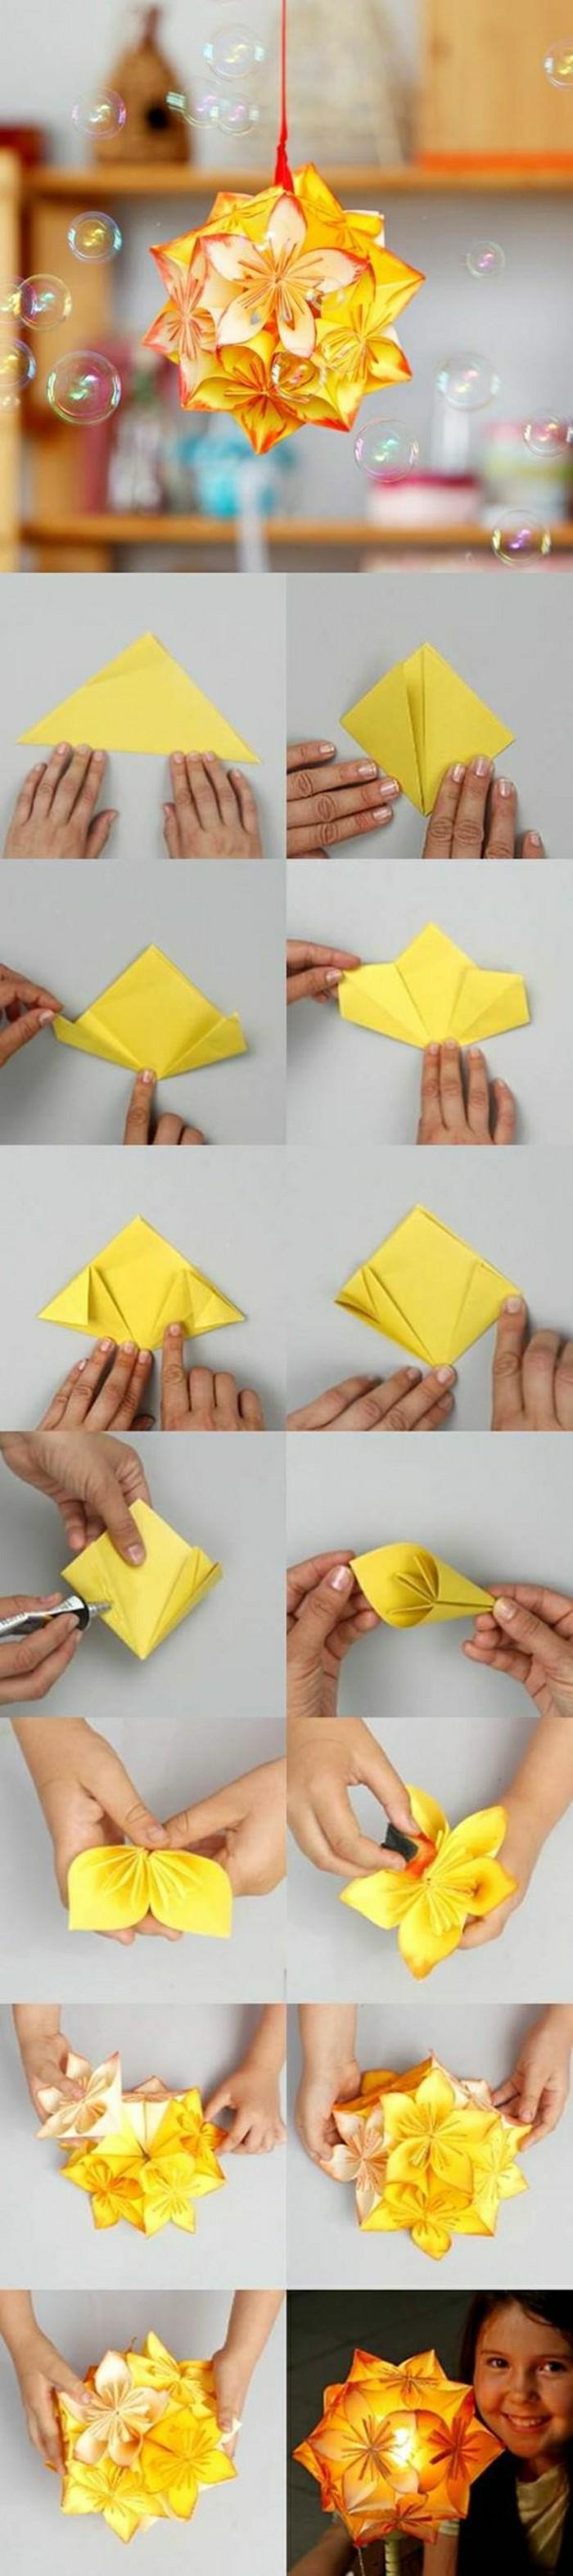 comment-faire-un-origami-facile-pliage-papier-jaune-origami-pour-débutant